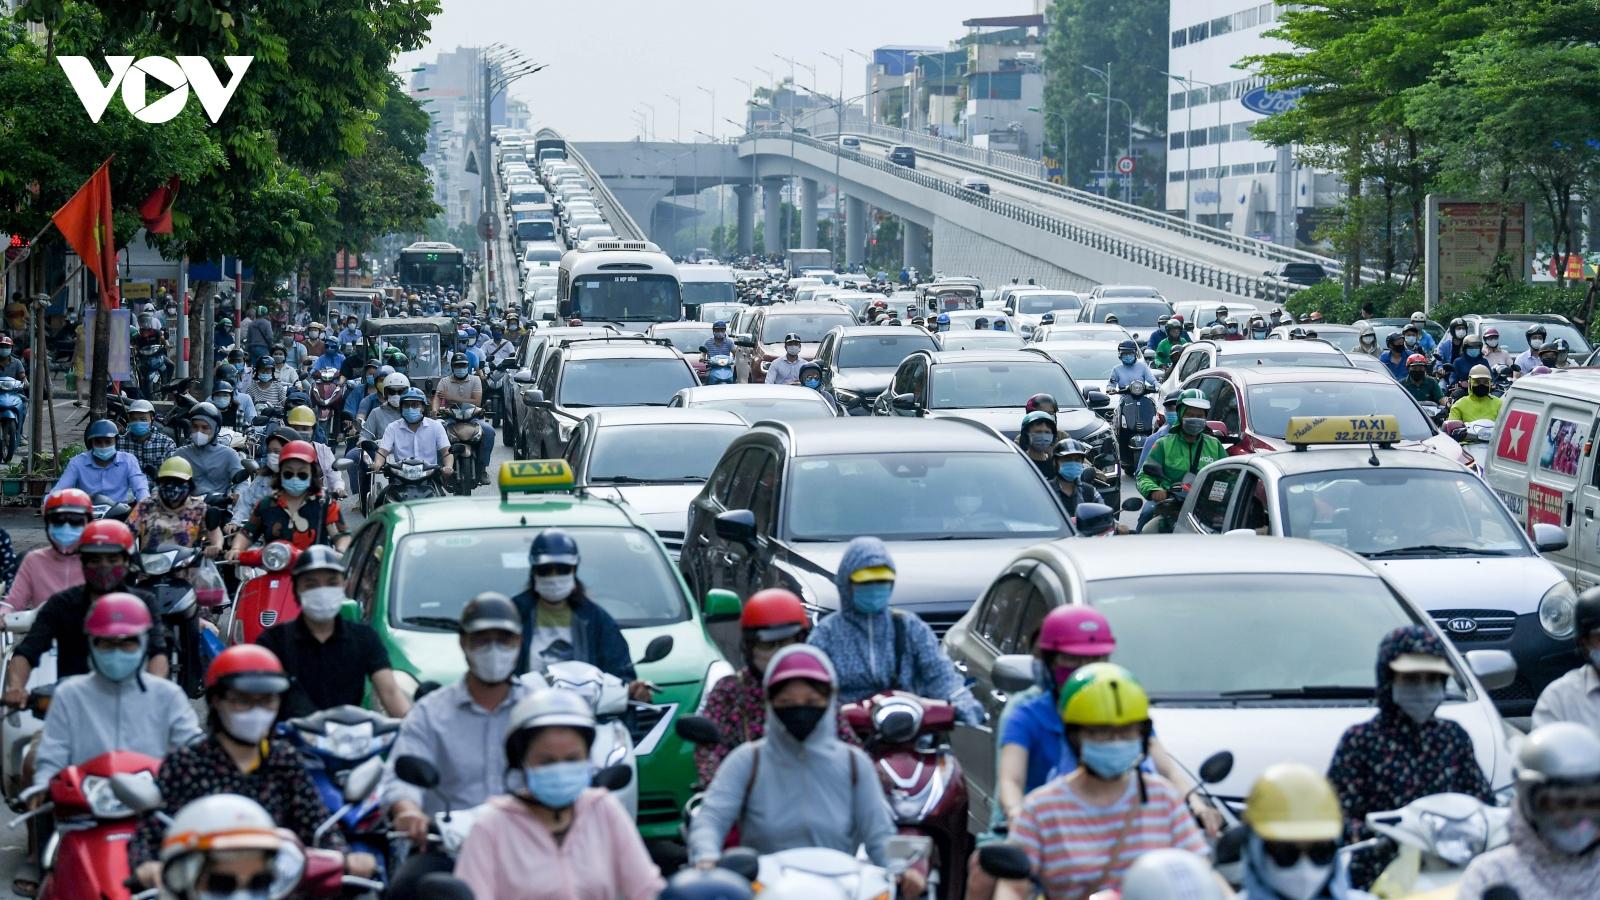 Hà Nội vẫn ùn tắc giao thông giờ cao điểm như chưa hề có giãn cách